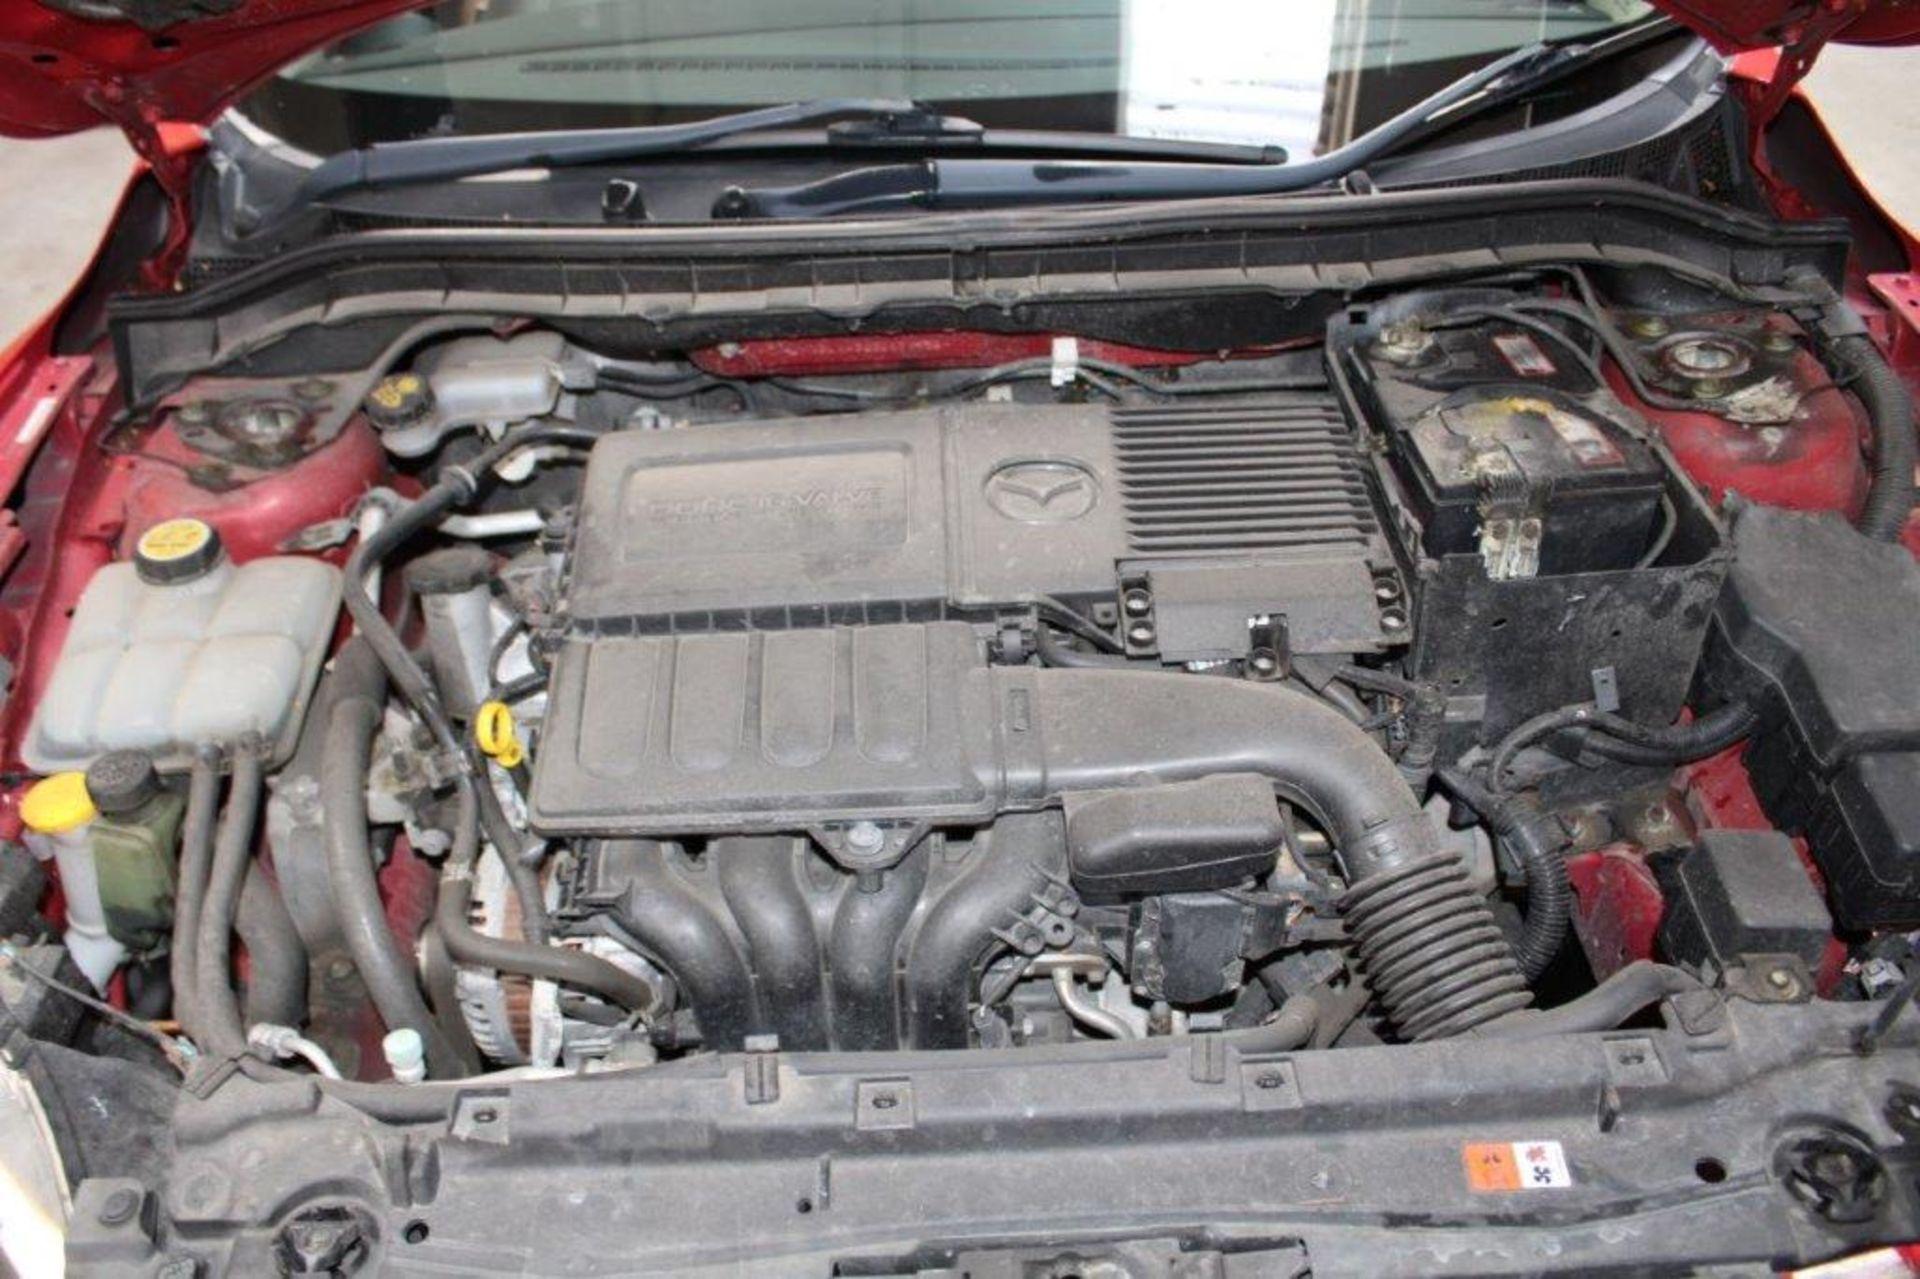 60 11 Mazda 3 Sport - Image 17 of 26